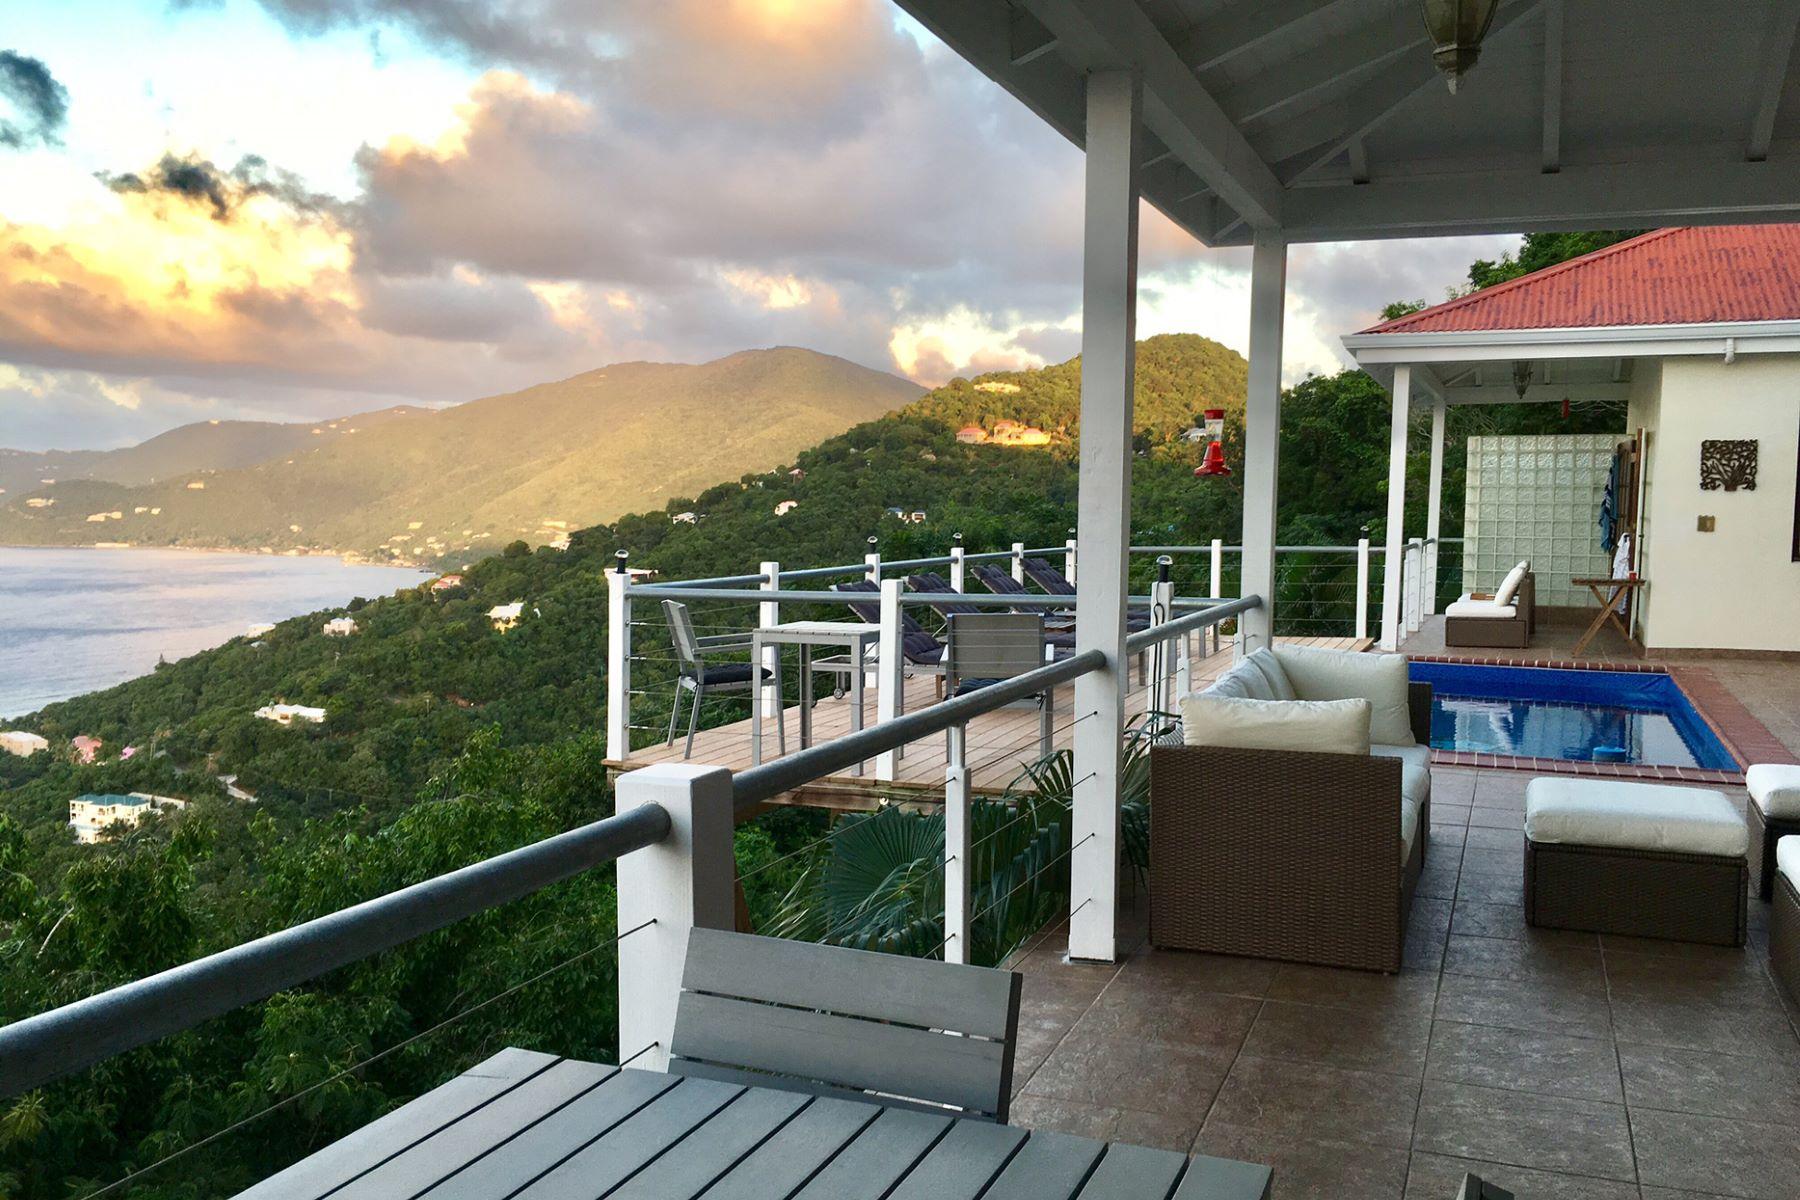 Частный односемейный дом для того Продажа на Villa Del Mar Belmont, Тортола Британские Виргинские Острова